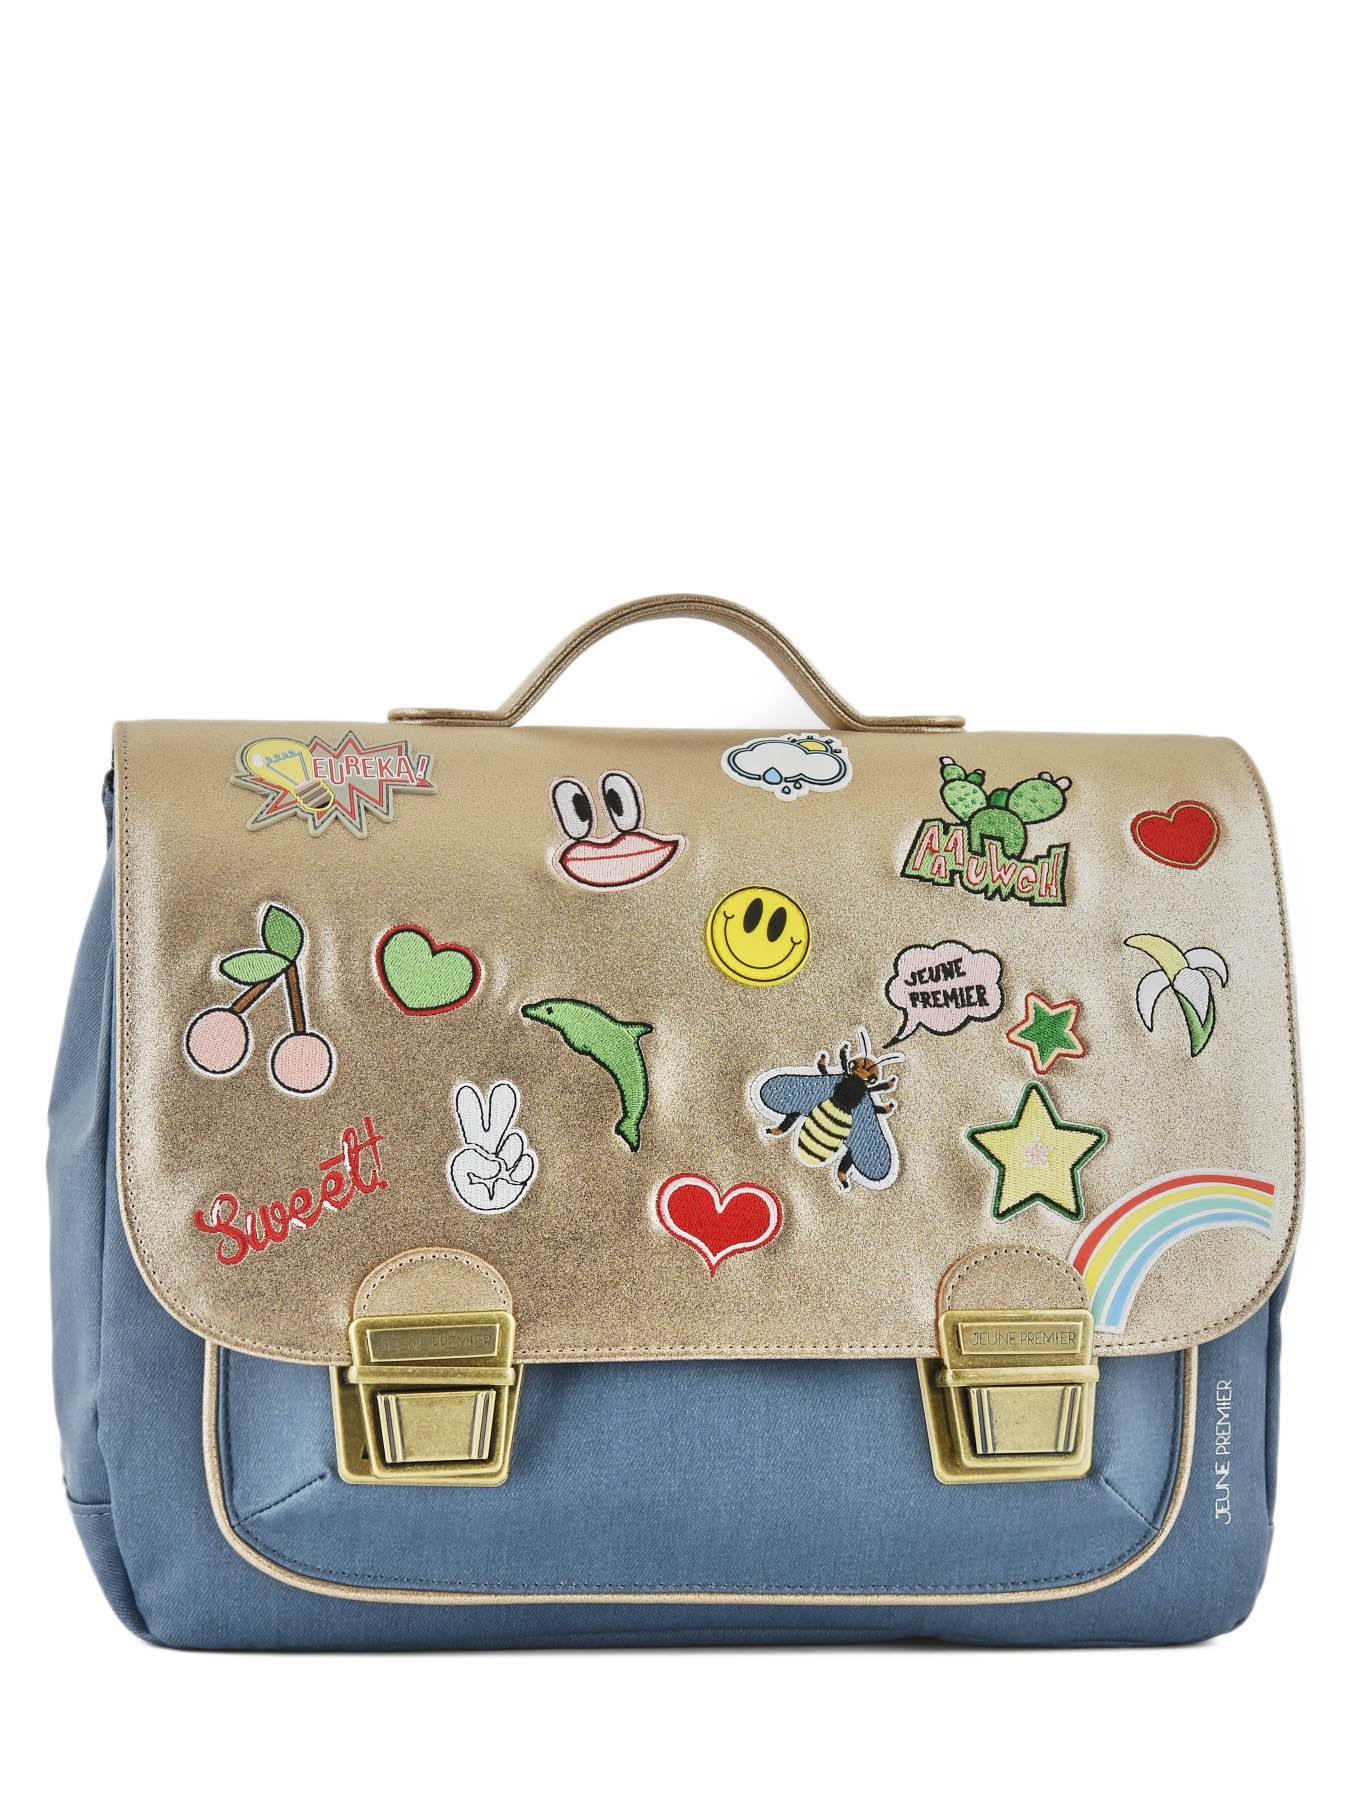 Школьный портфель для девочки Jeune Premier GOLDFUN Золото Midi, - фото 2